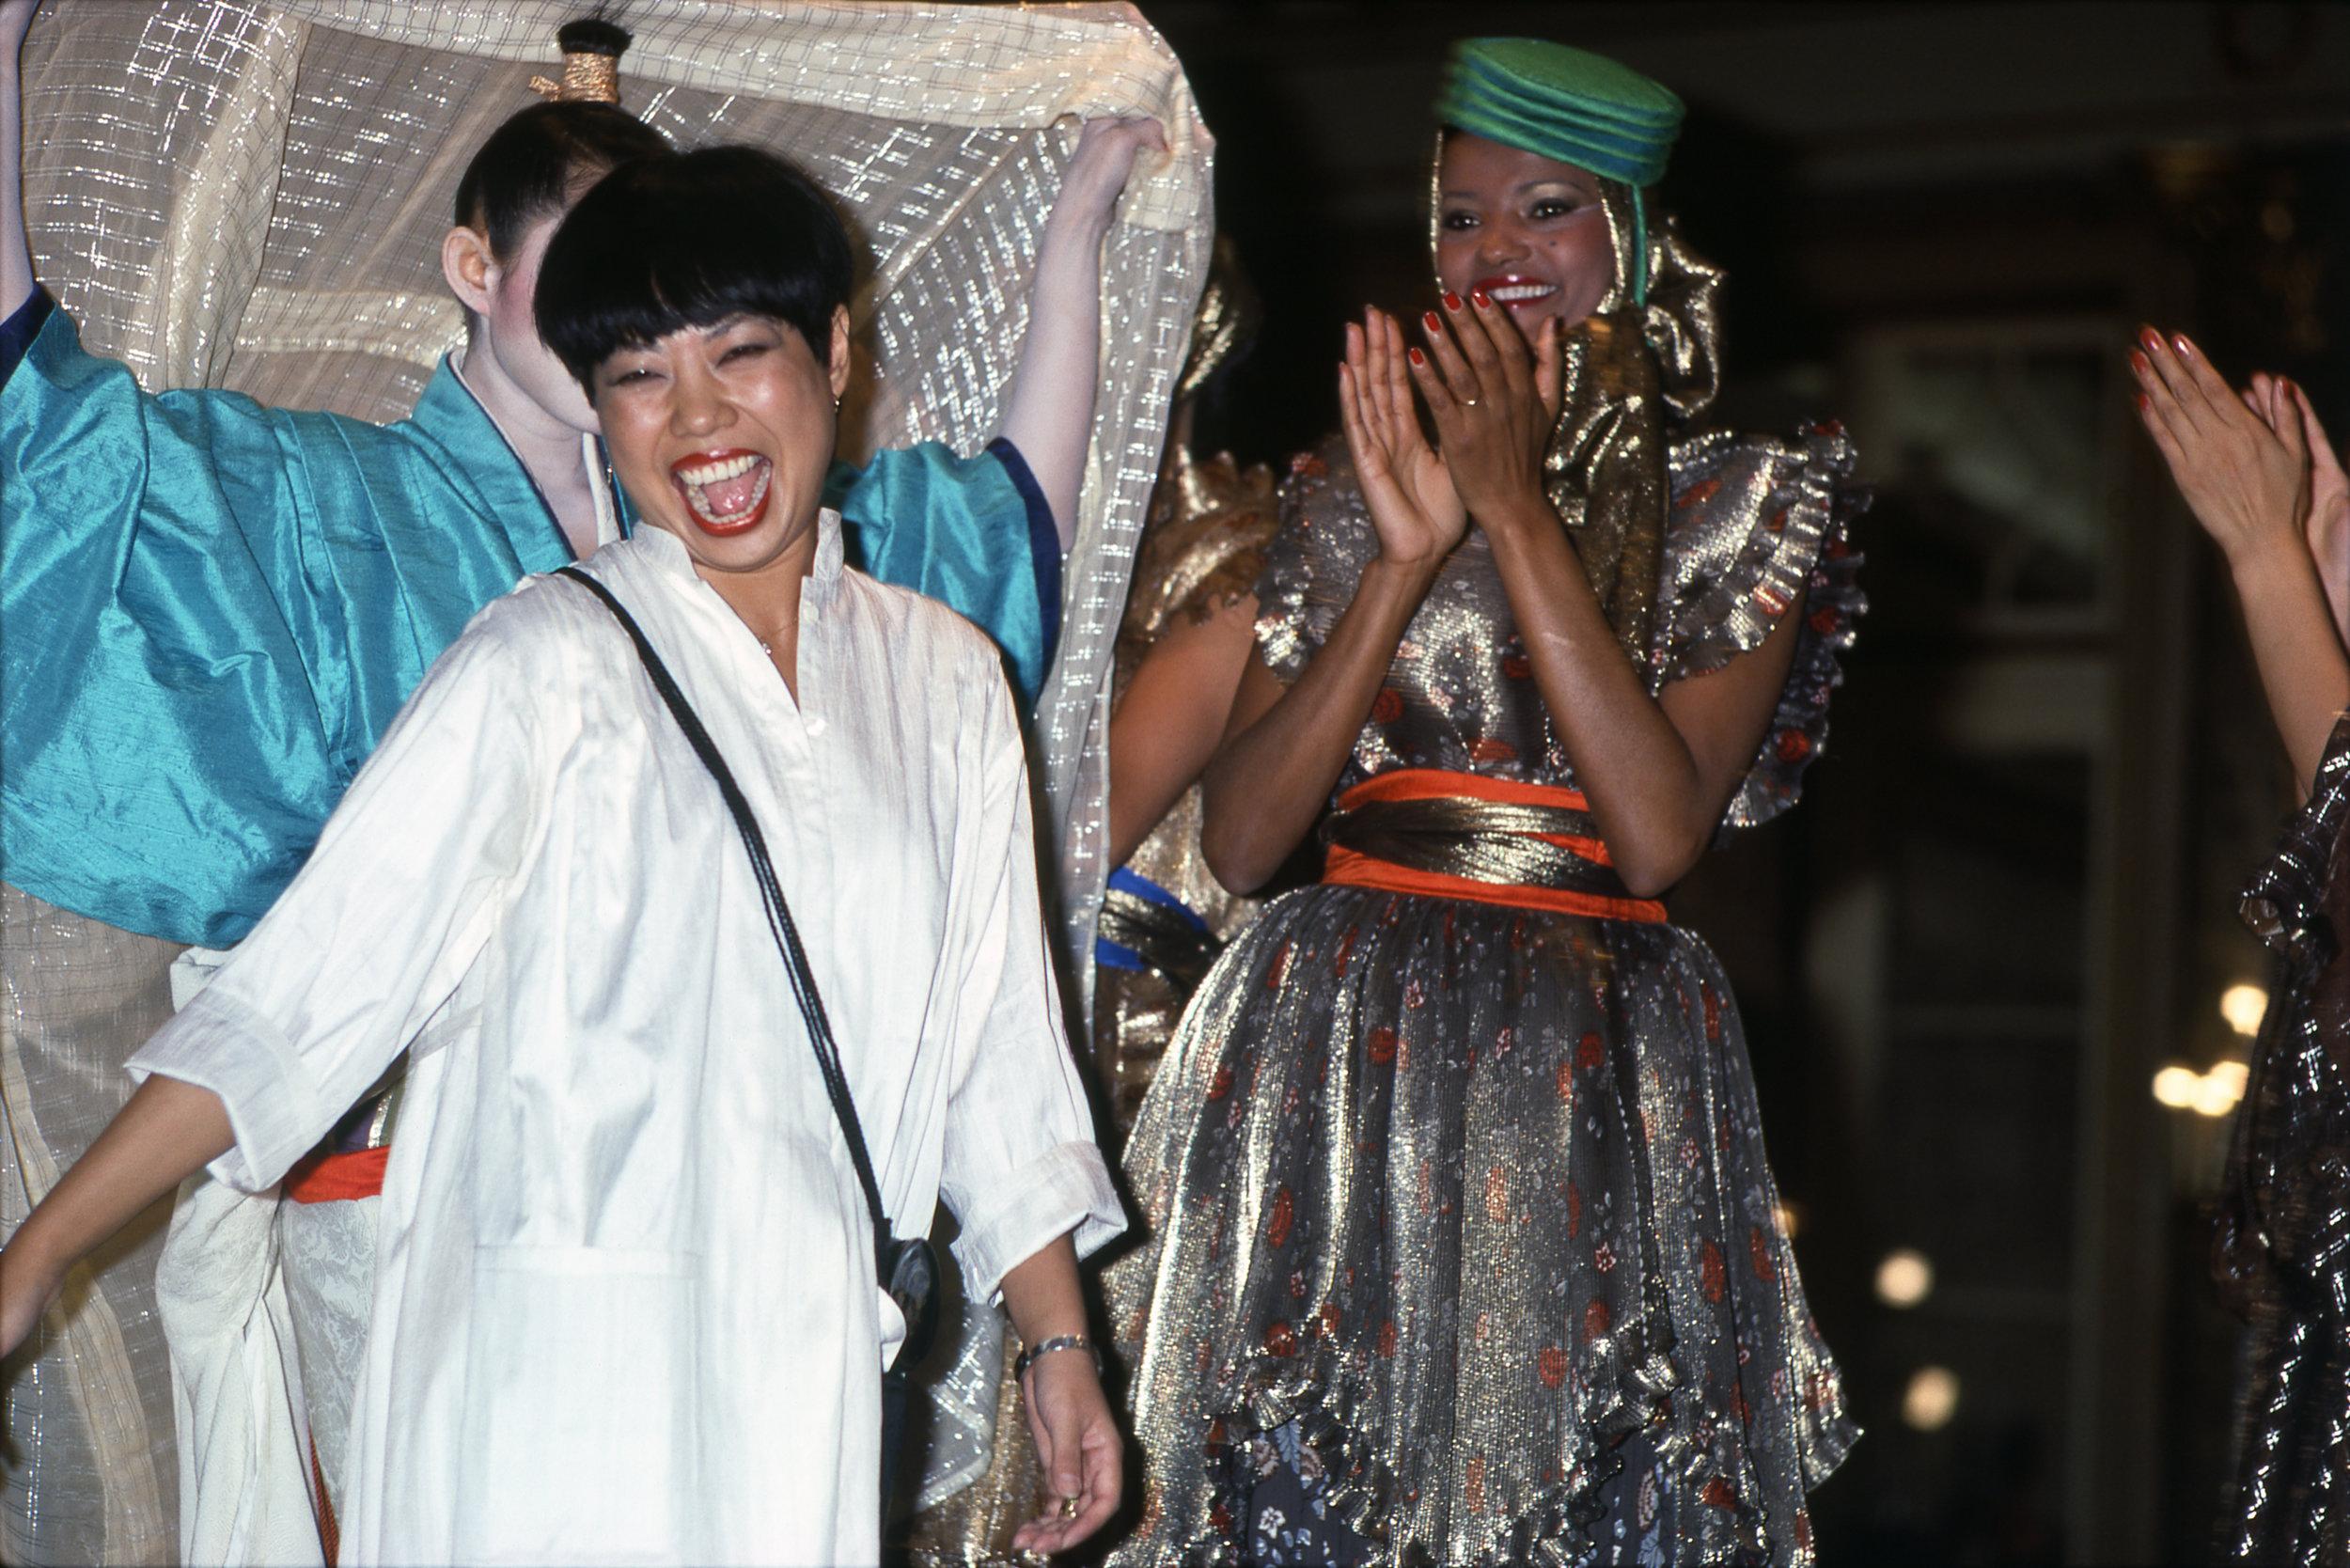 LADY: The Art and Fashion of Hiroko Koshino